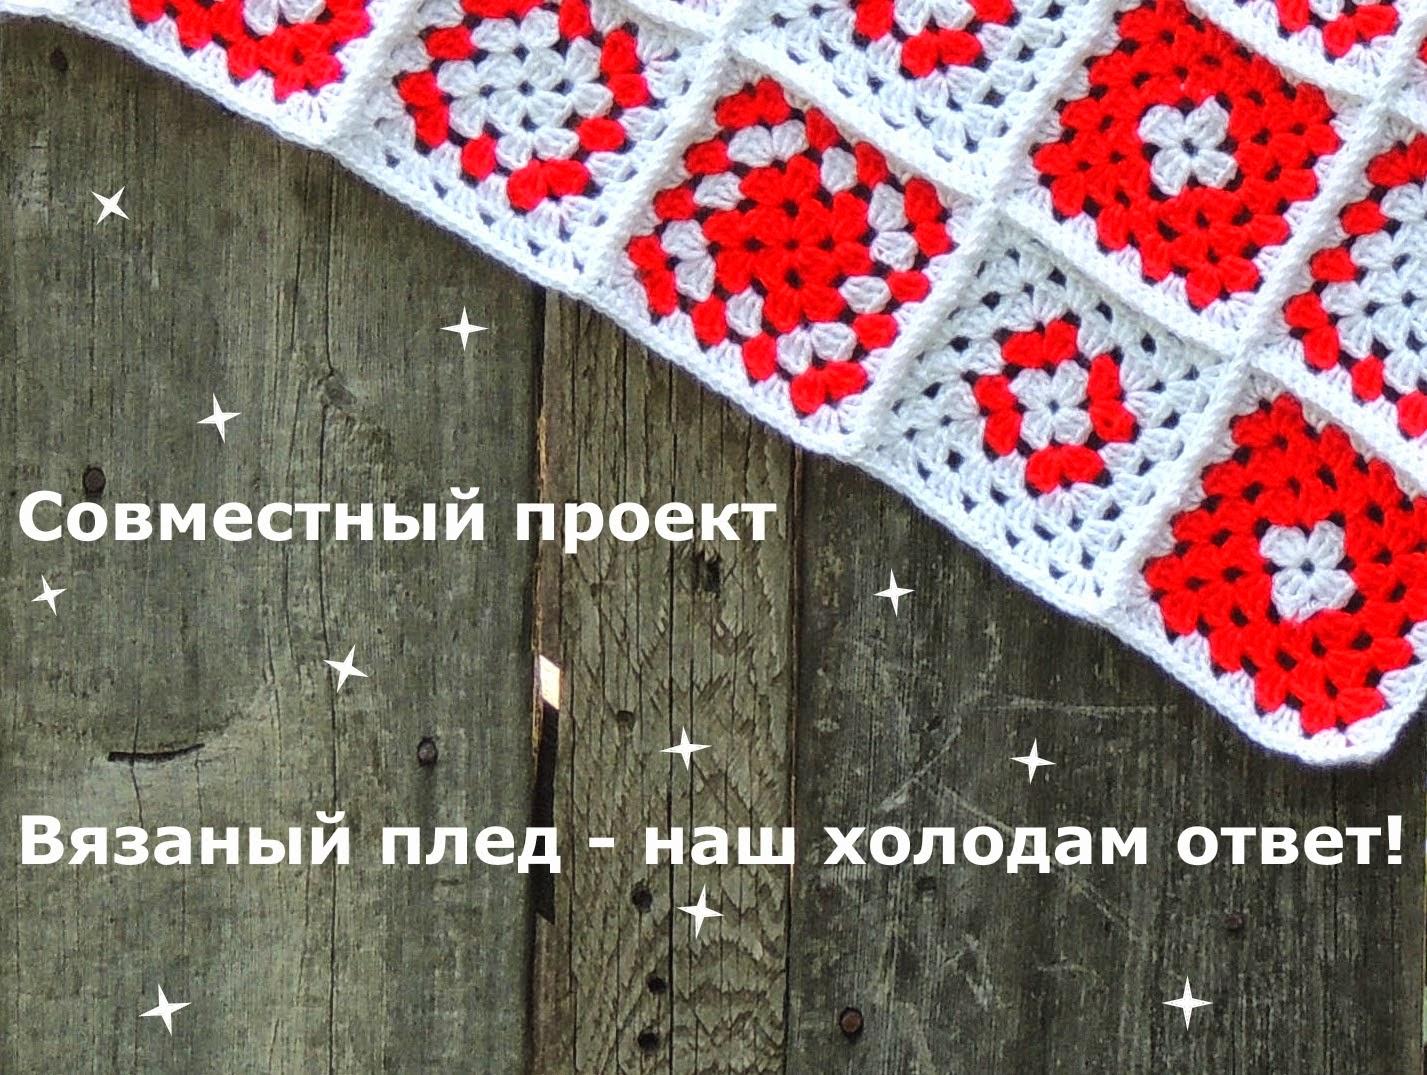 Вяжем пледы)